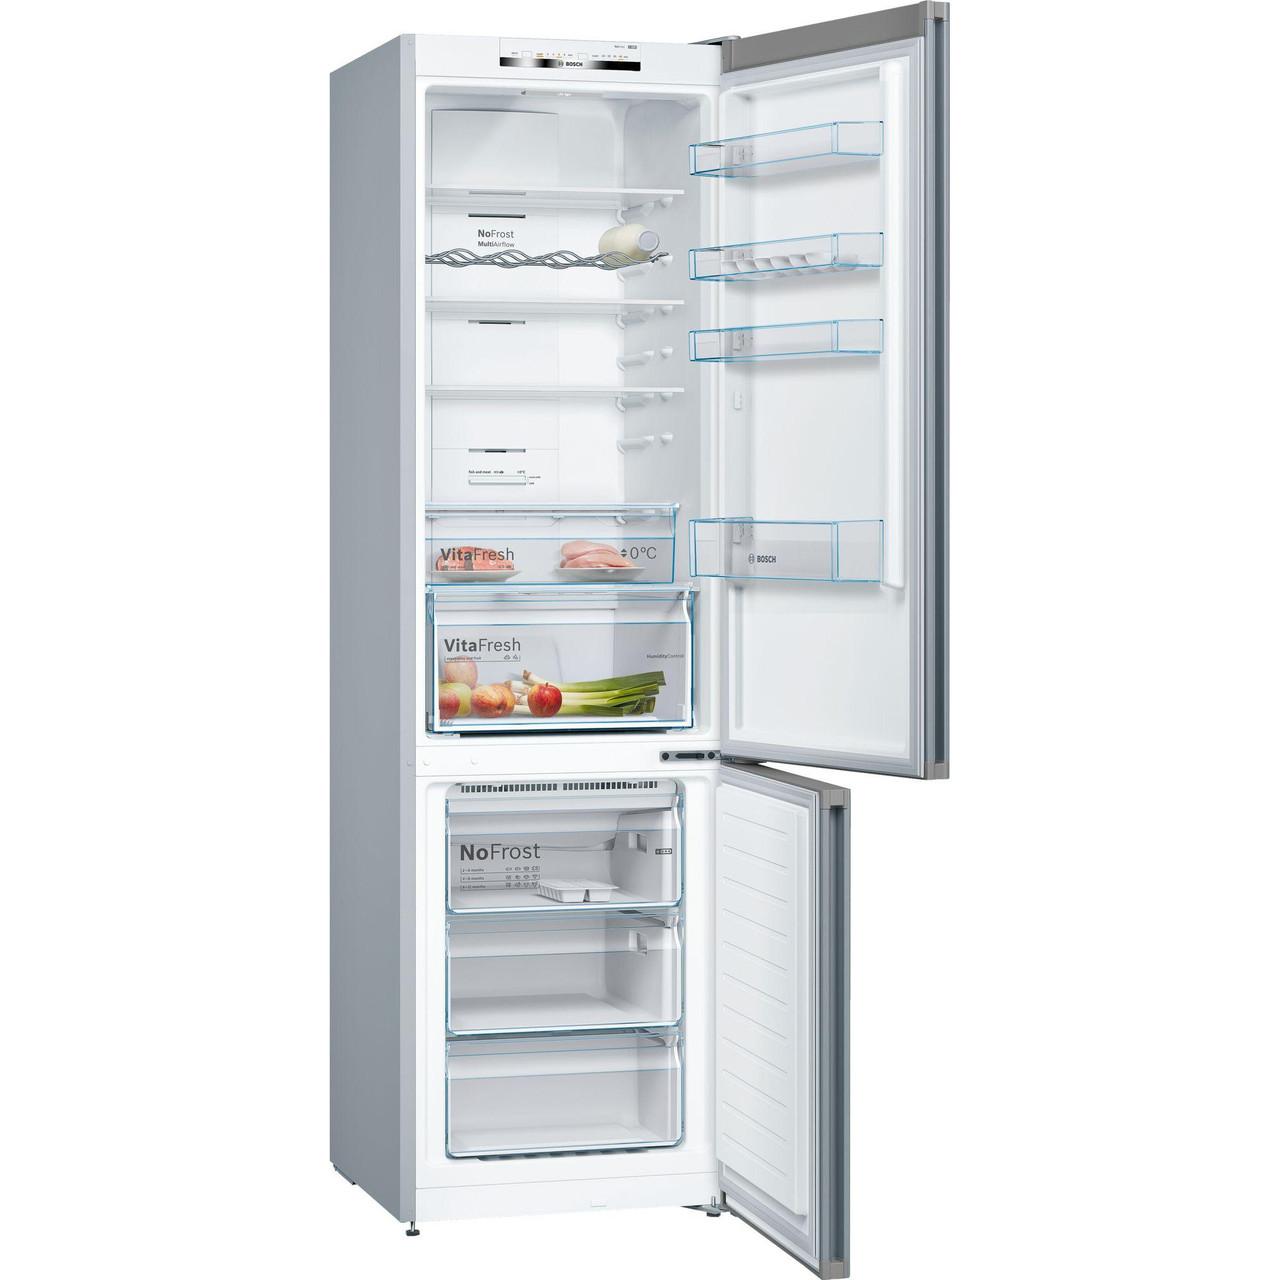 Холодильник с морозильной камерой Bosch KGE39AICA